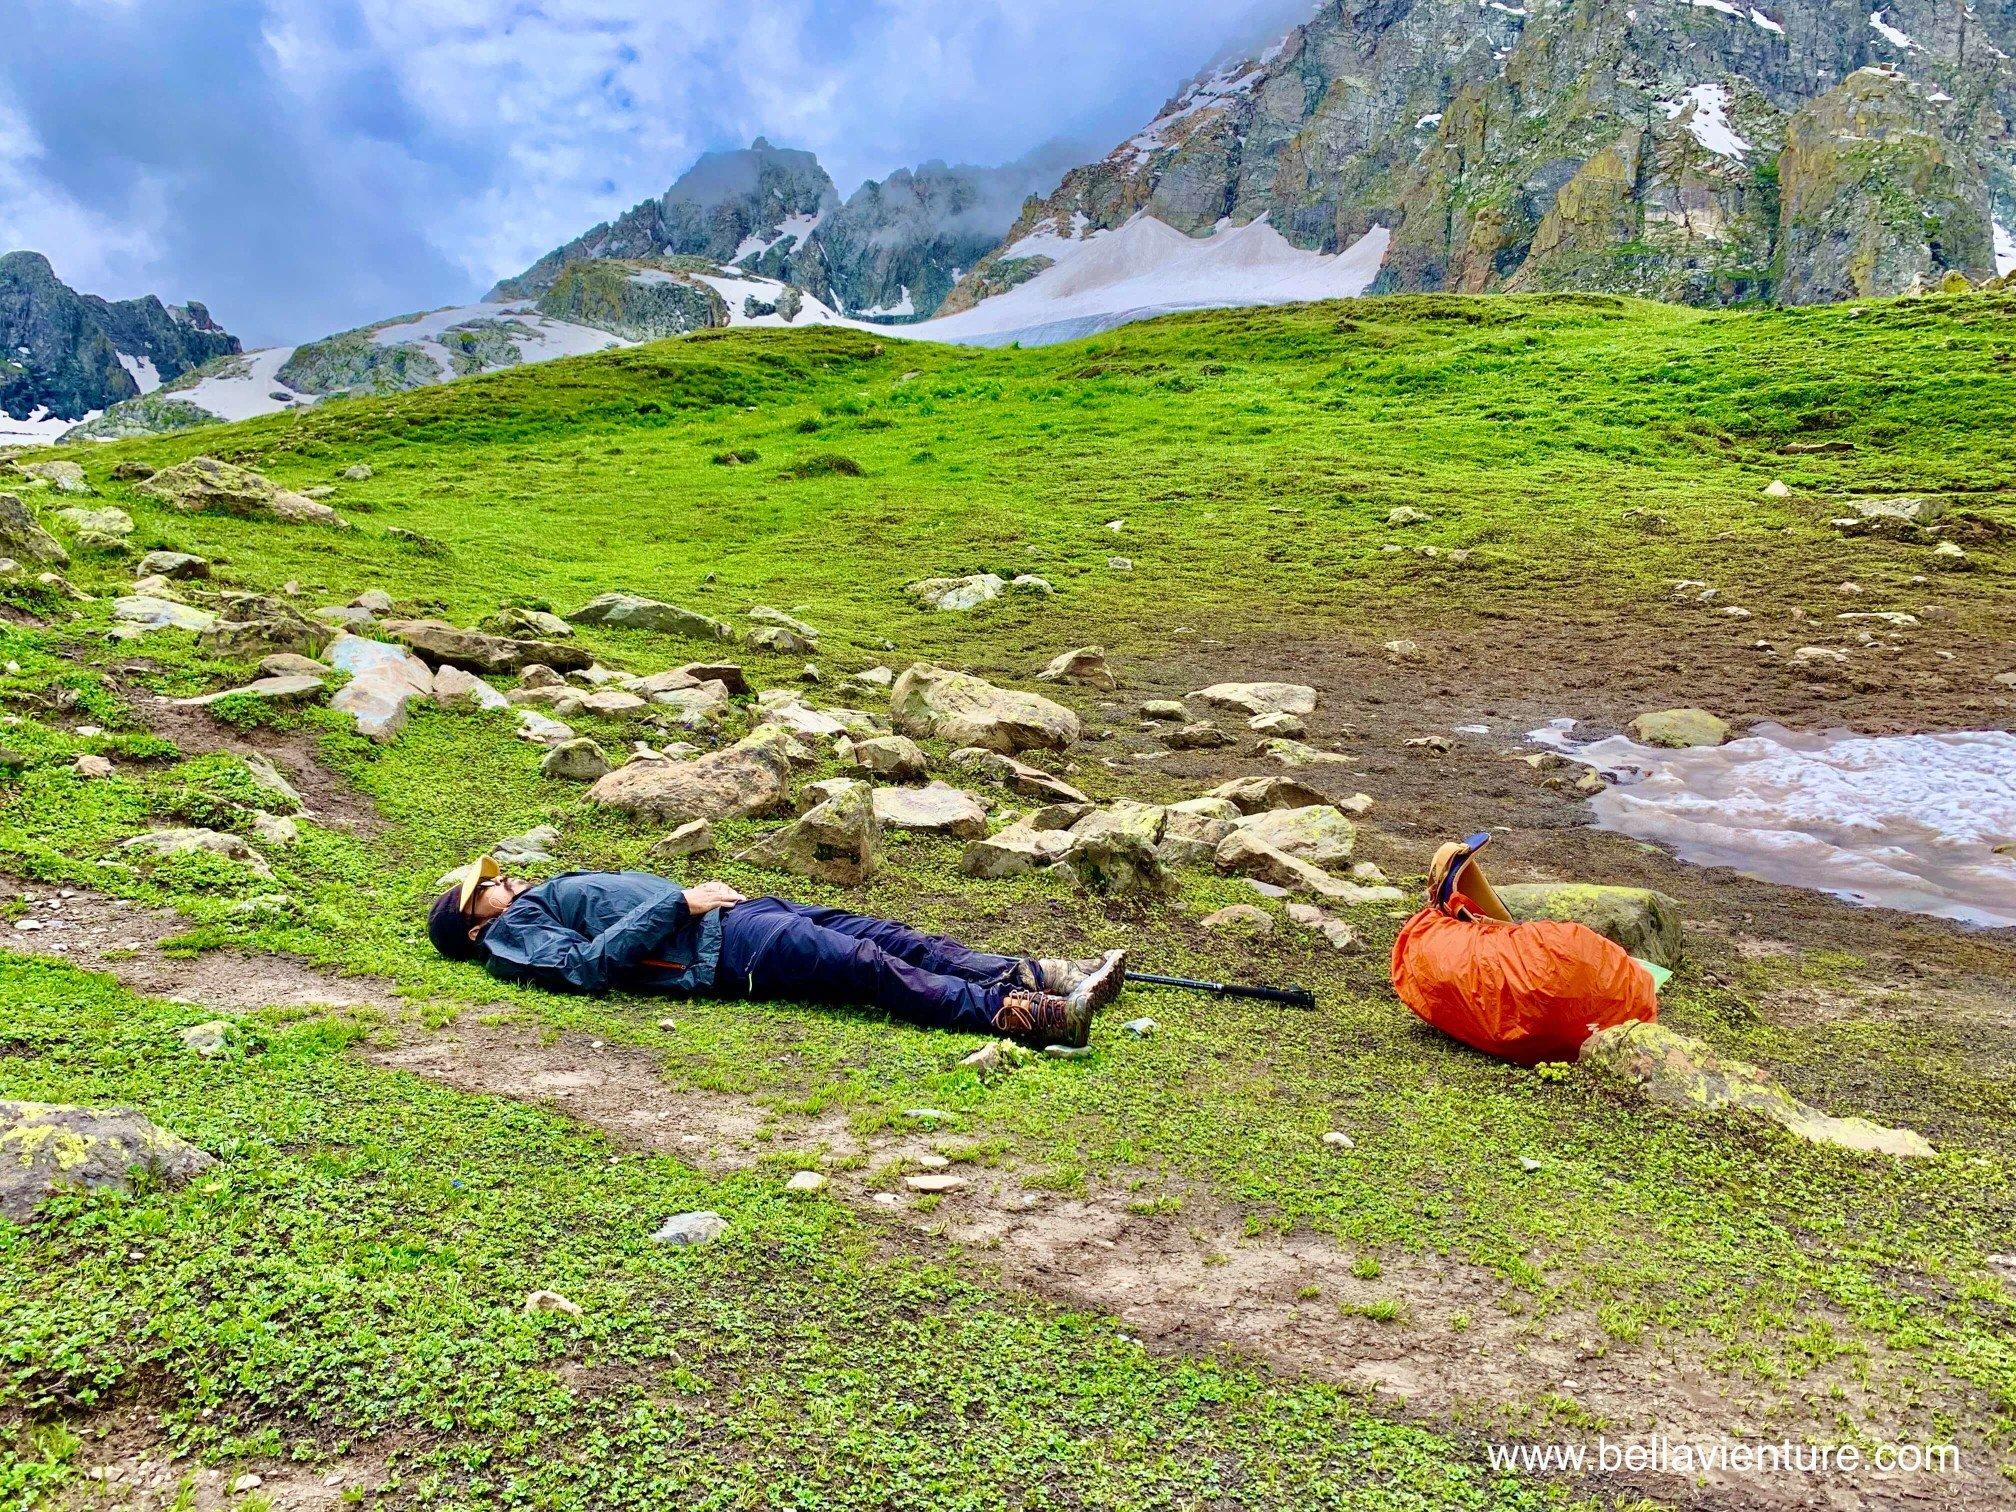 印度 India 北北印 North India 喀什米爾  Kashmir 八天七夜 健行 大自然 導遊嬉鬧